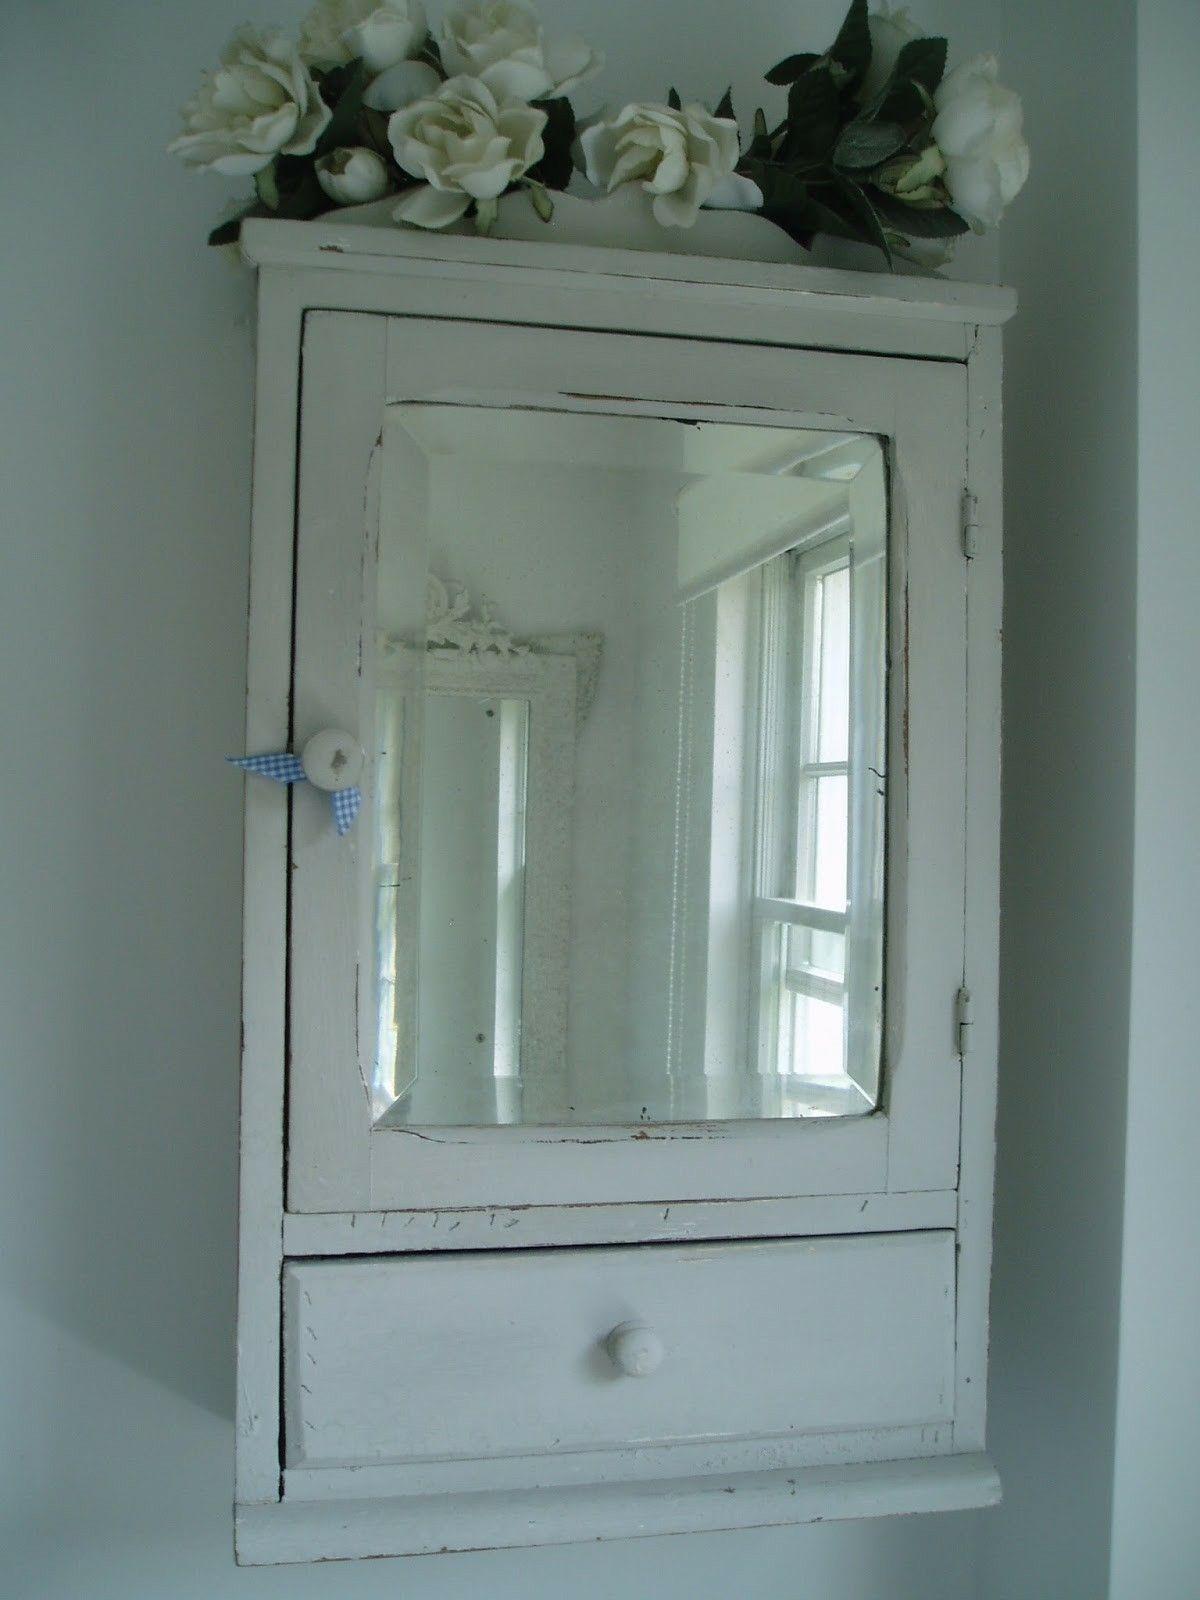 A Vintage Bathroom Cabinet With Mirror Vintage Bathroom Mirrors